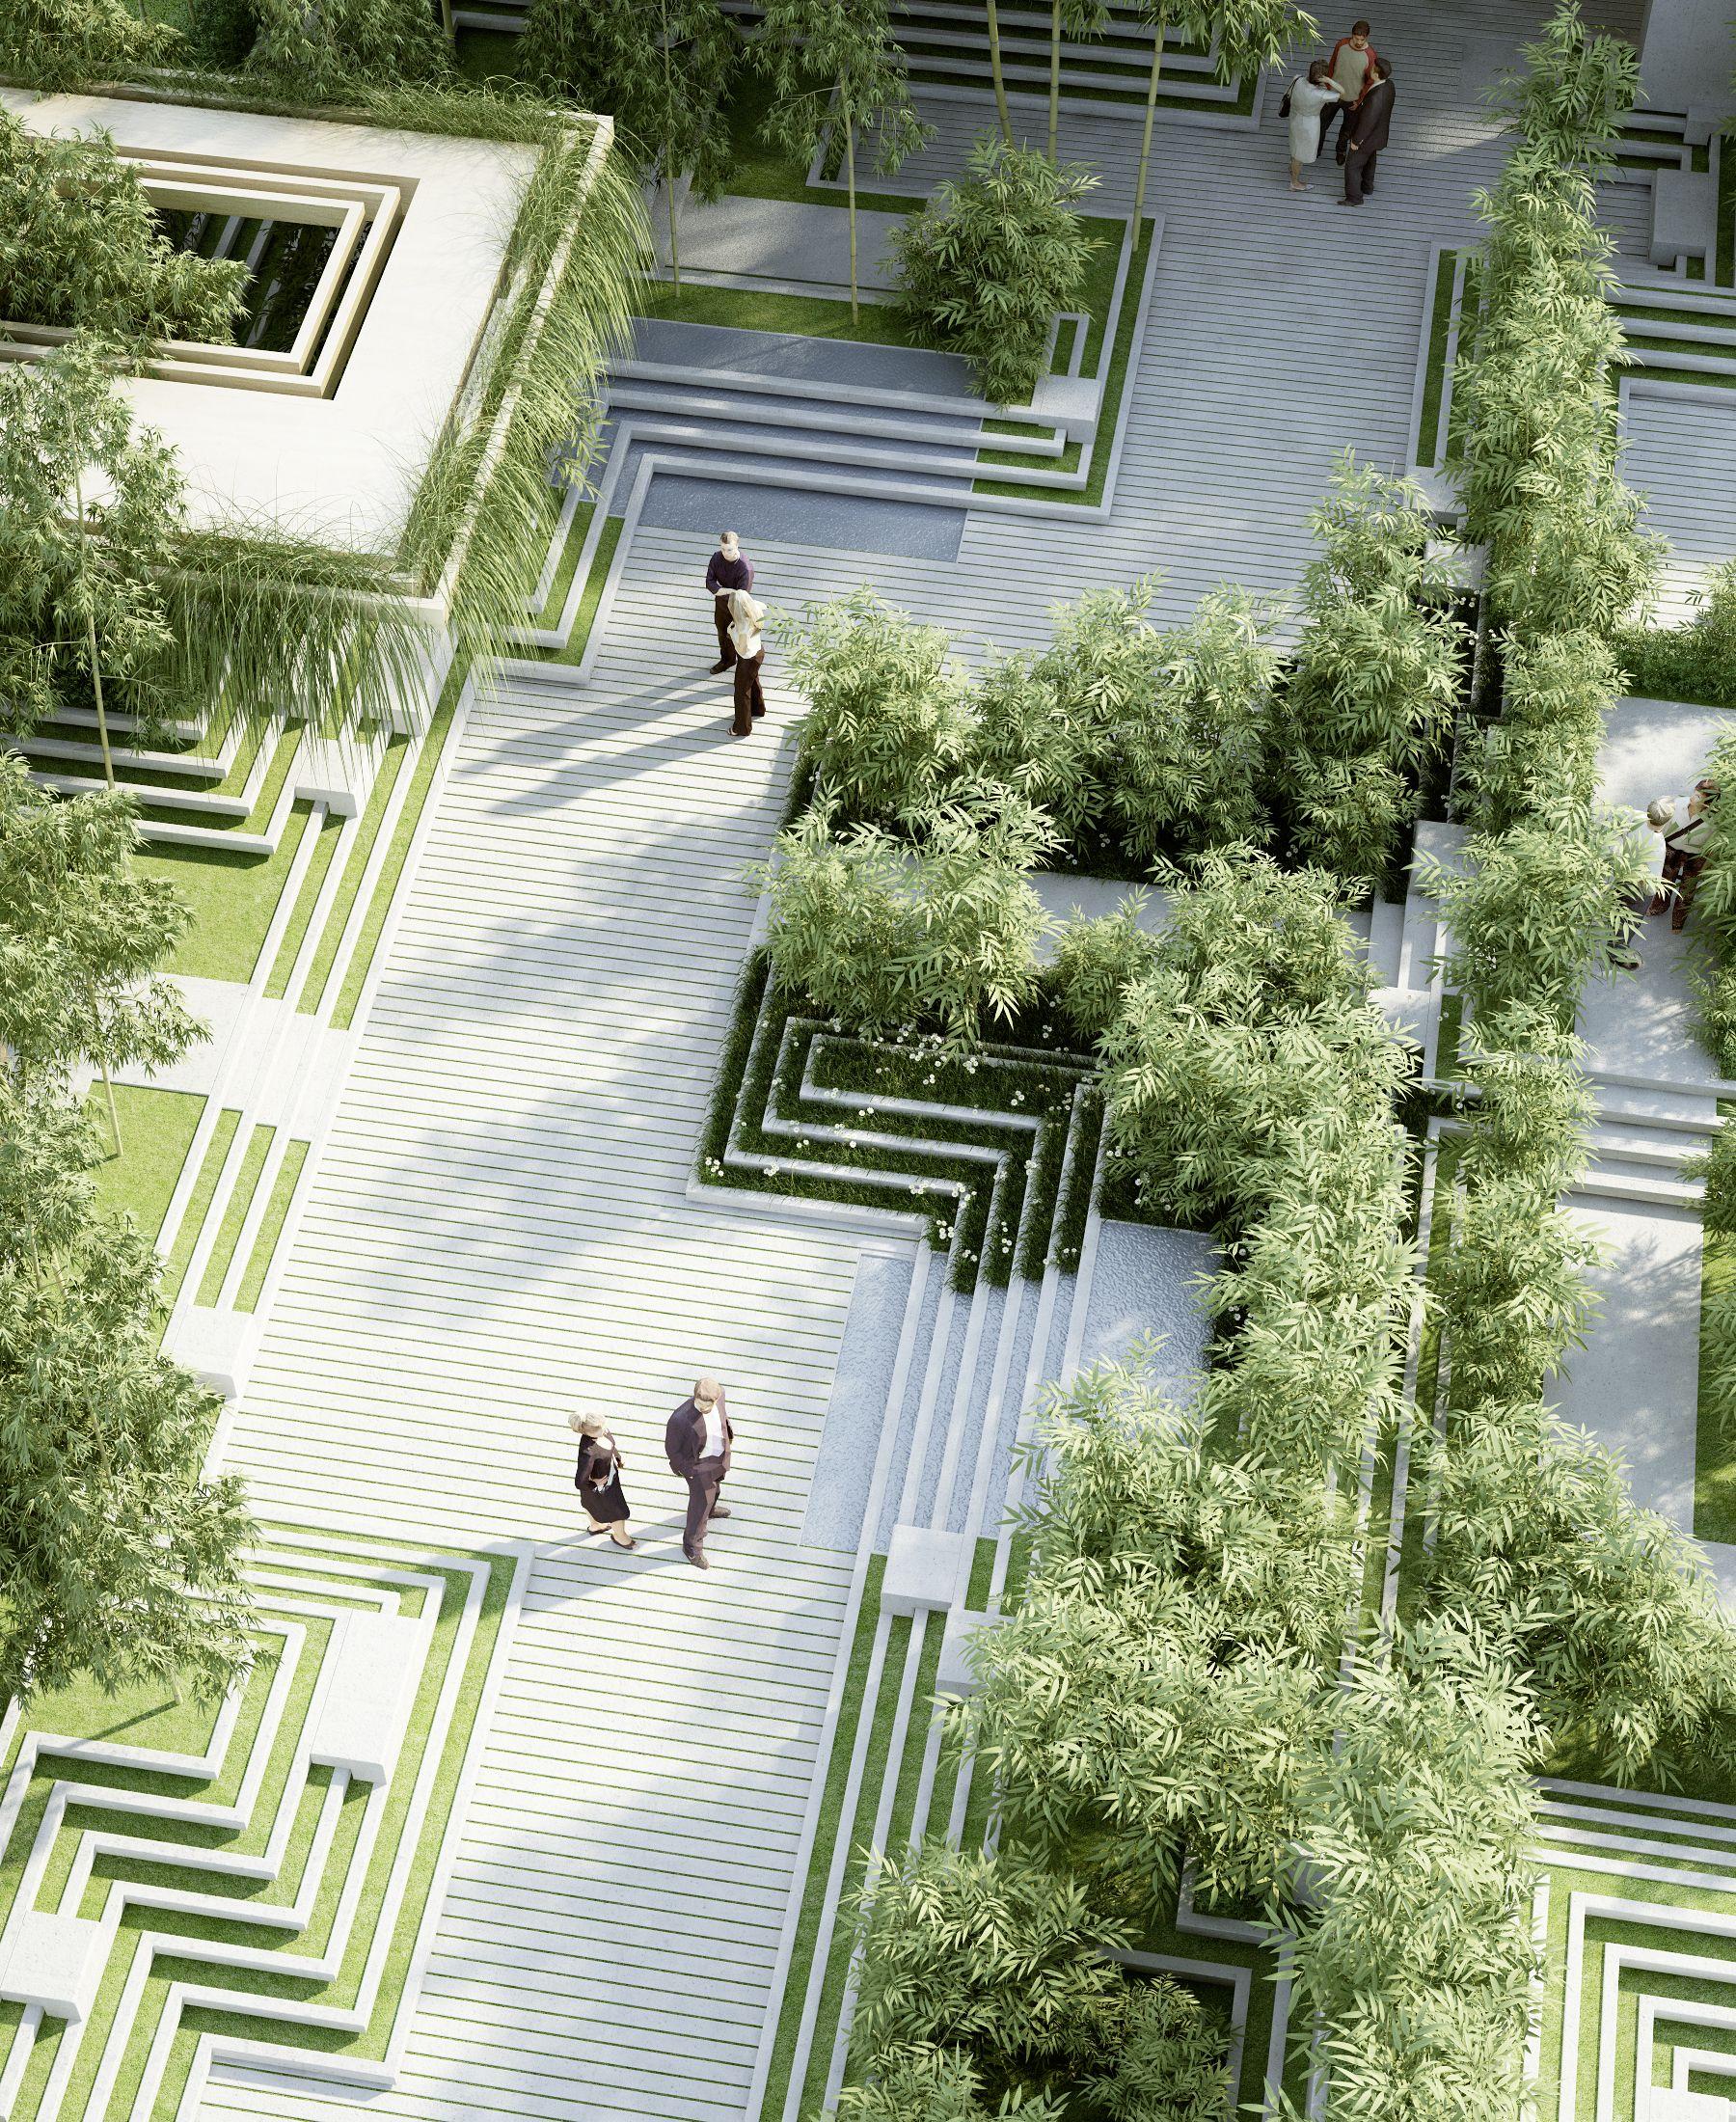 project describes landscape